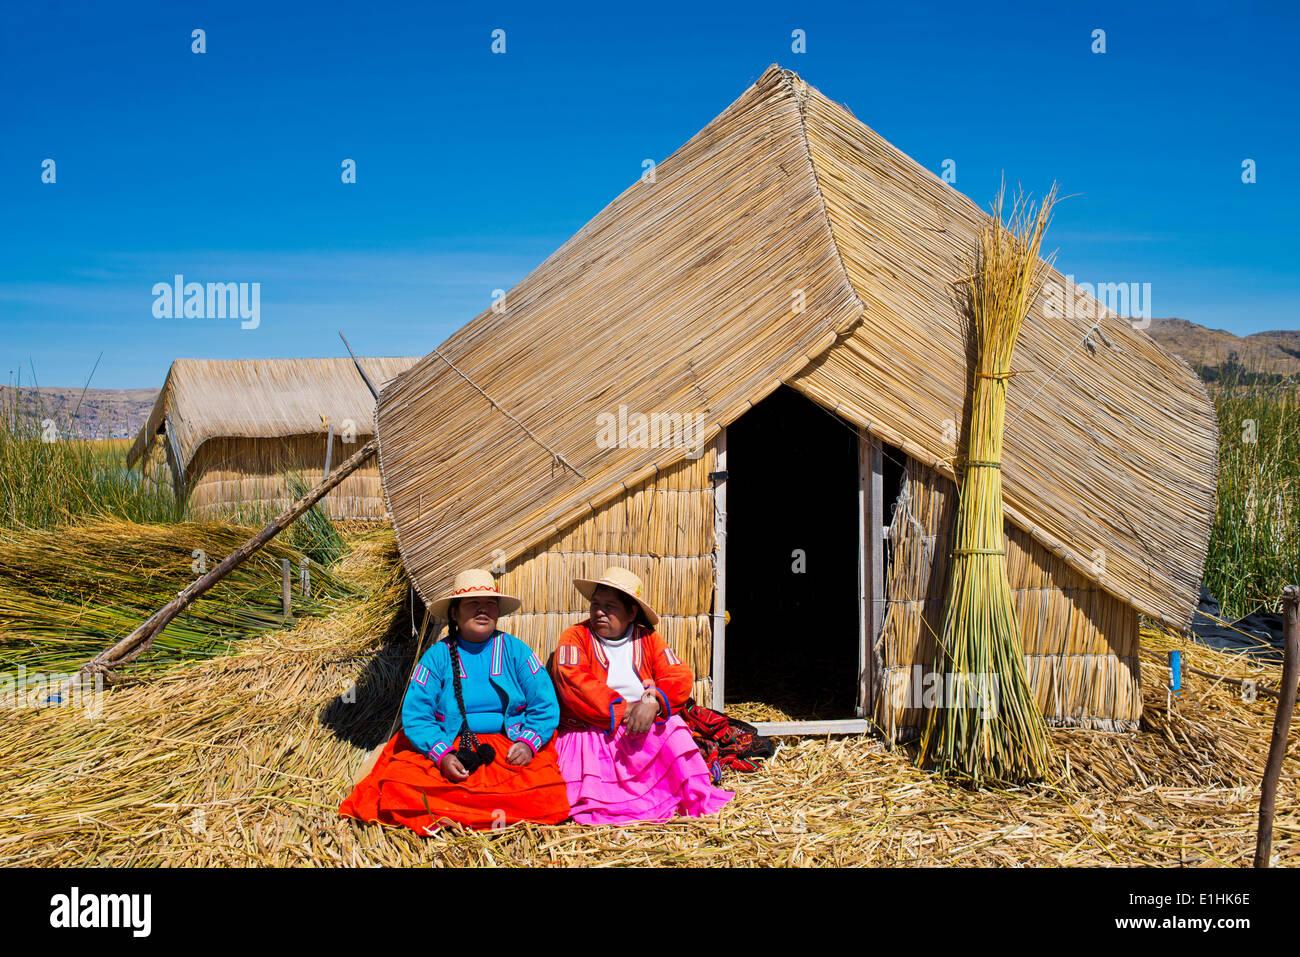 Zwei Frauen der Uro-Indianer tragen traditionelle Kleidung sitzt vor einem Reed-Hütte gemacht schwimmenden Stockbild